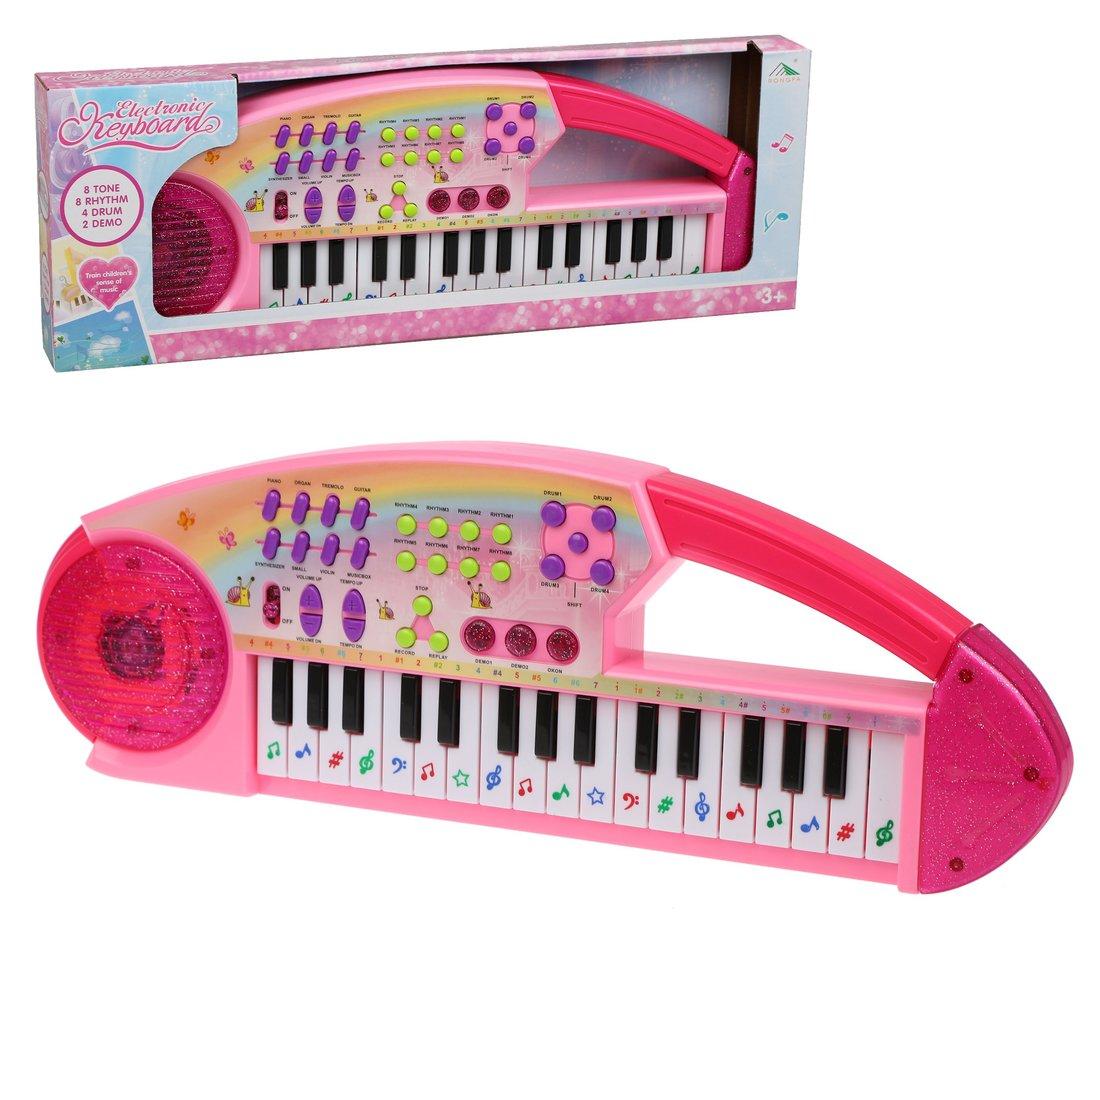 Синтезатор детский 32 кл., запись, эл.пит. АА*3 не вх.в компл.